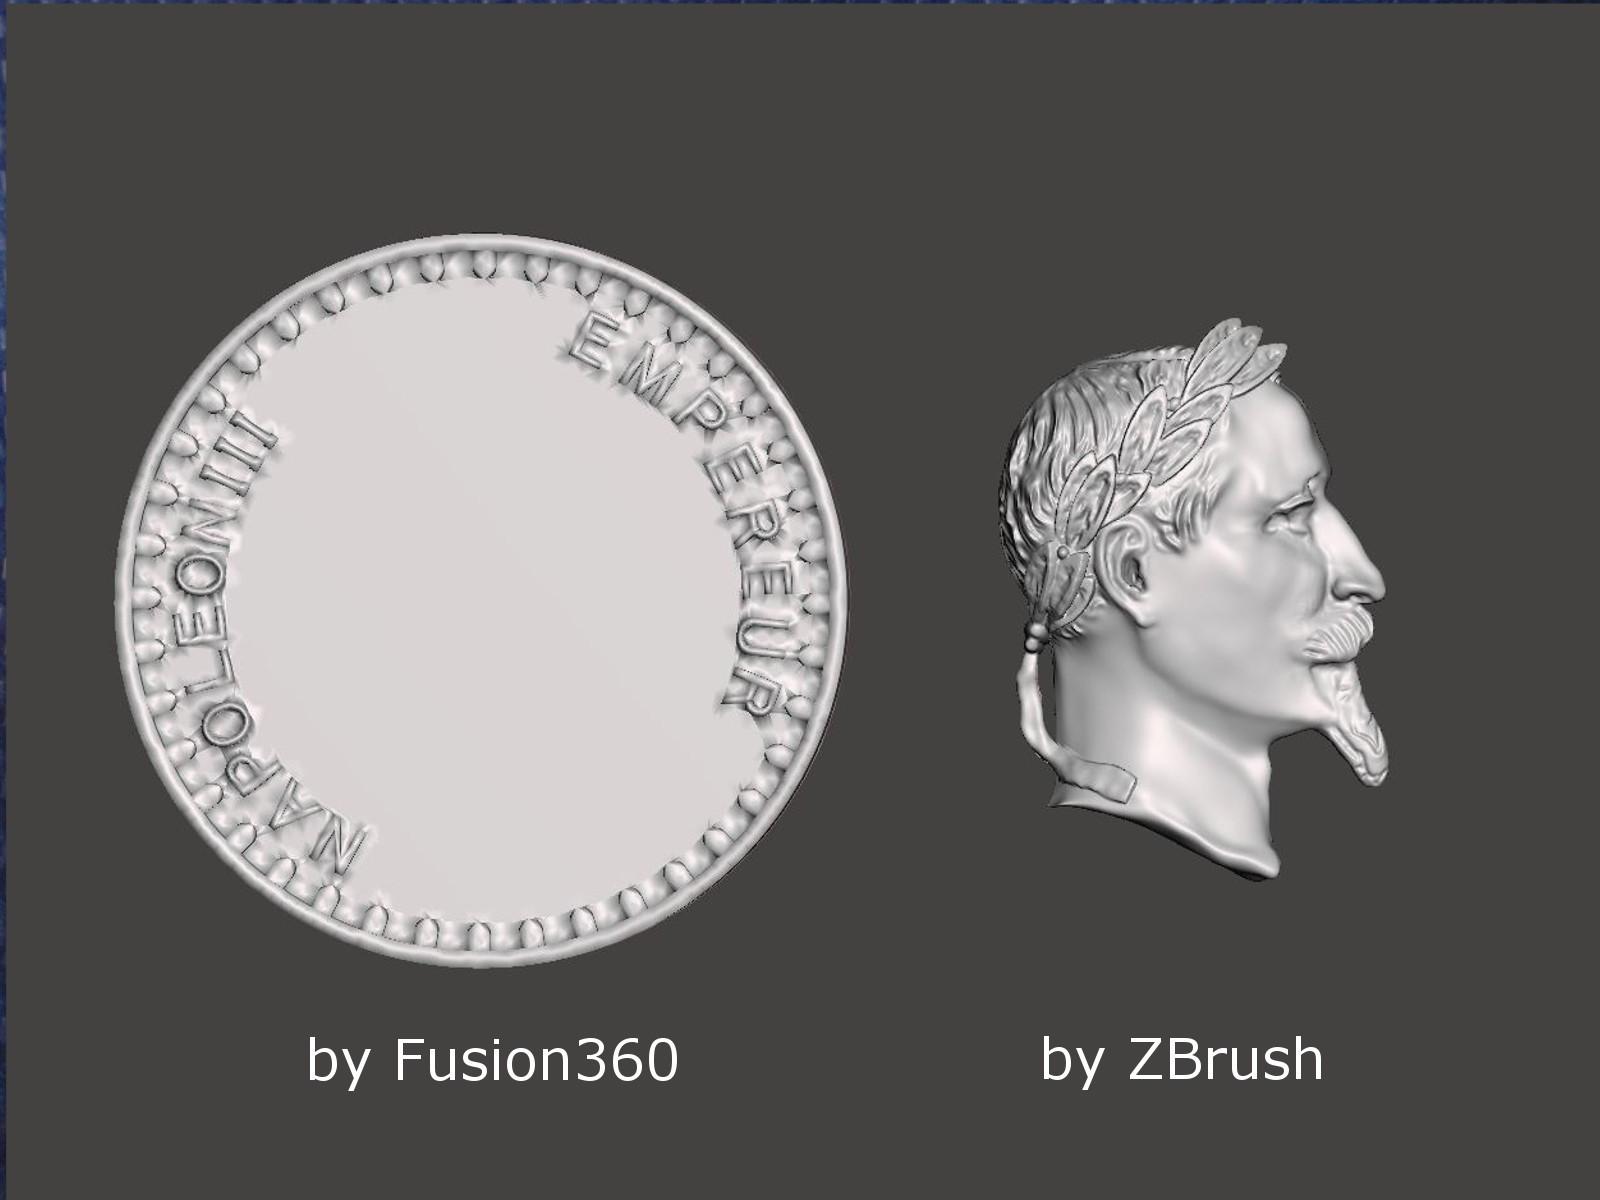 メダル_Fusion360_ZBrush